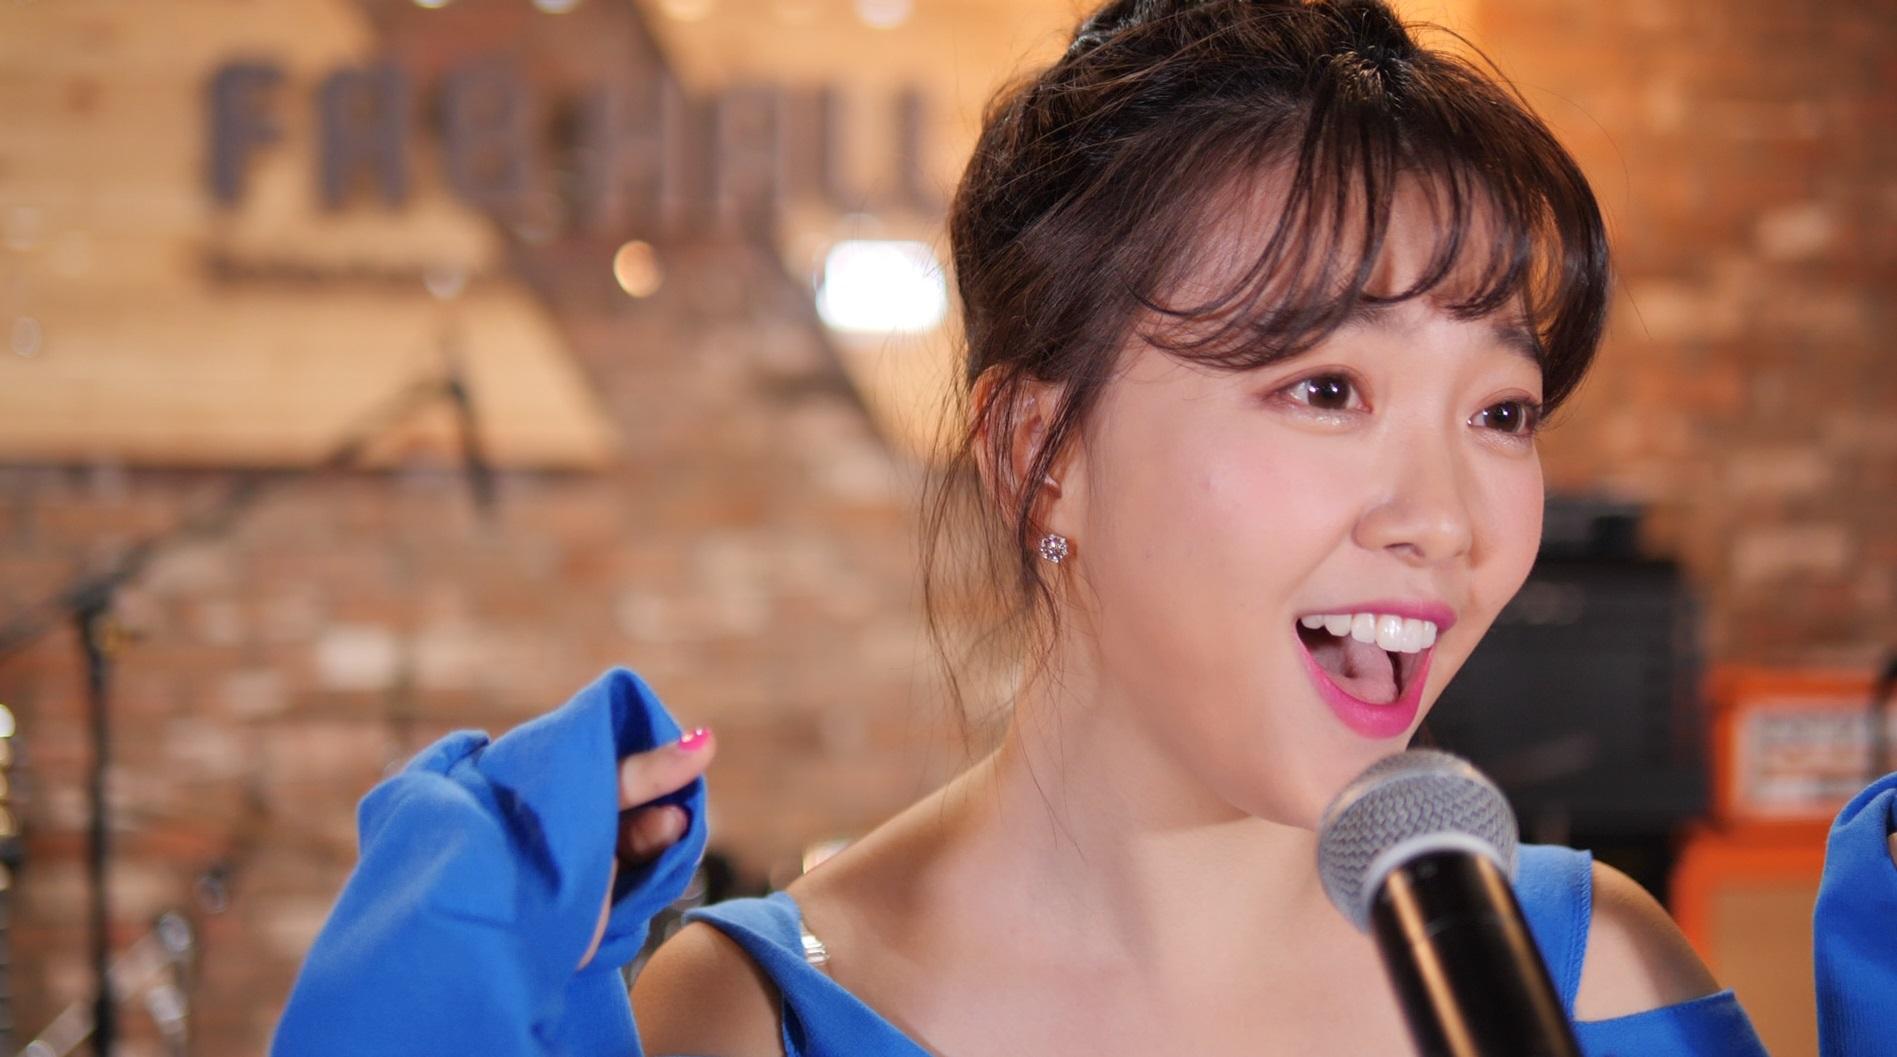 요요미, FTV 낚시드라마 '조미료' OST '살맛나게' 메이킹 버전 뮤직비디오 최초 공개